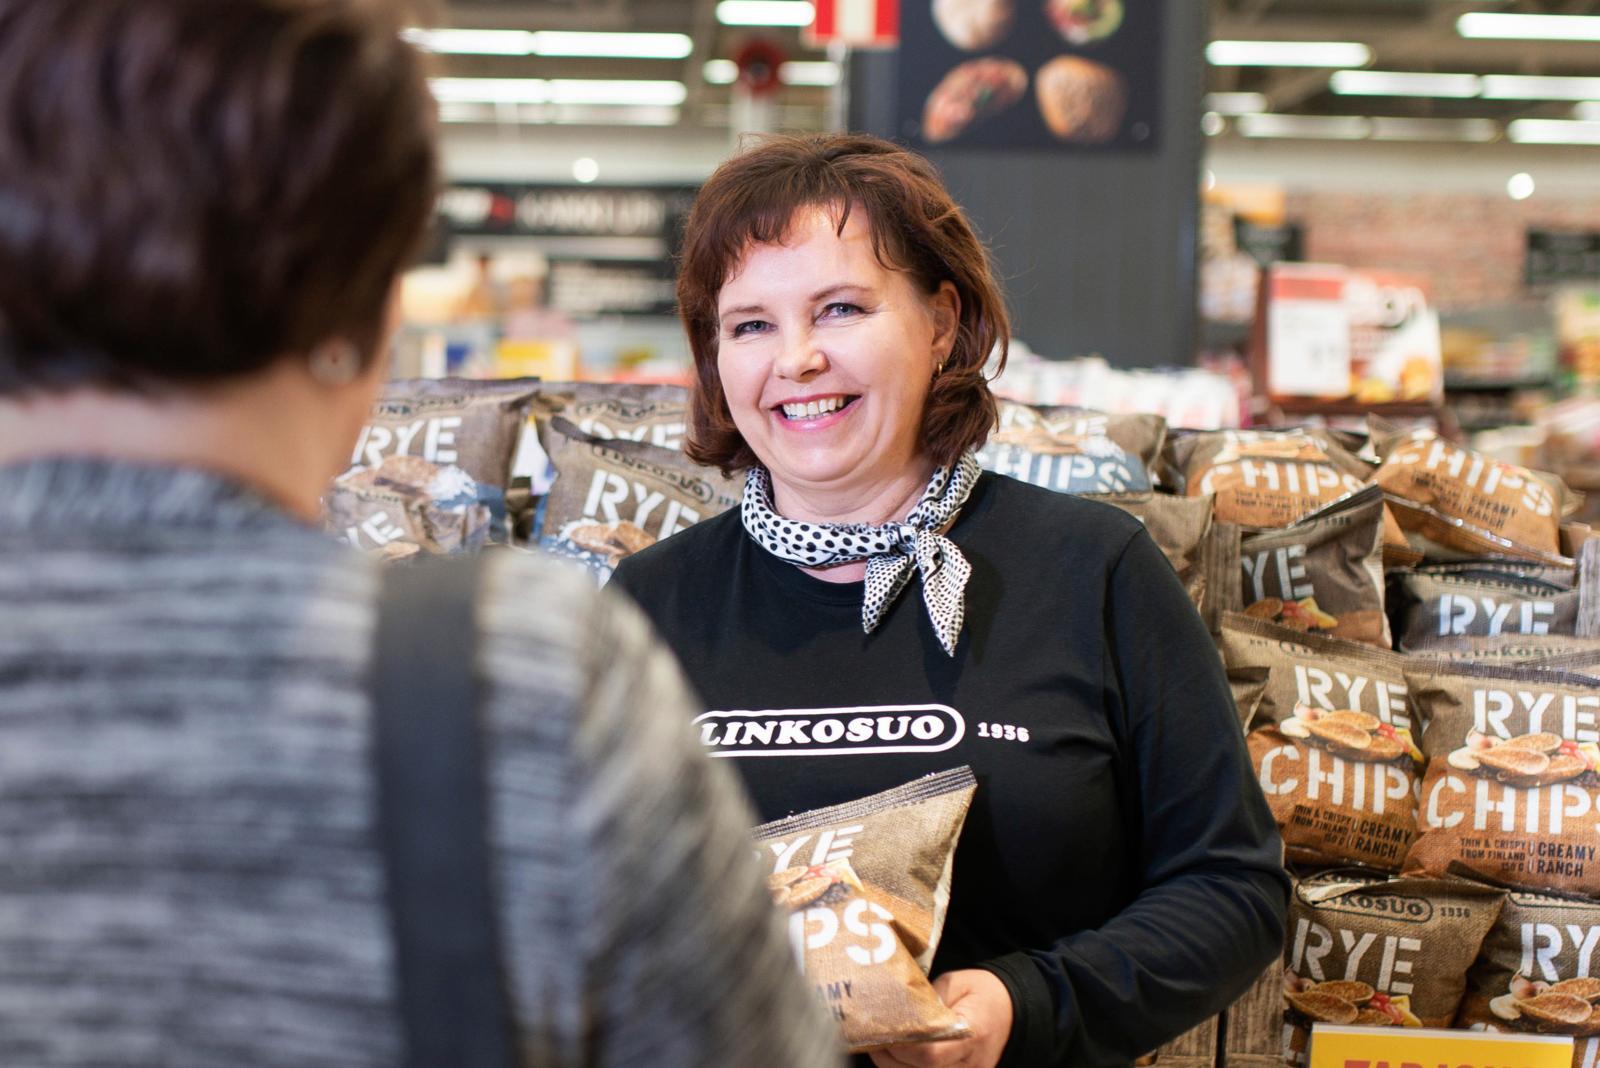 Viikon toisen tuote-esittely tapahtuu leipomoyrityksen toimeksiannosta Jyväskylän Palokan citymarketissa. Kuva: Tiina Salminen